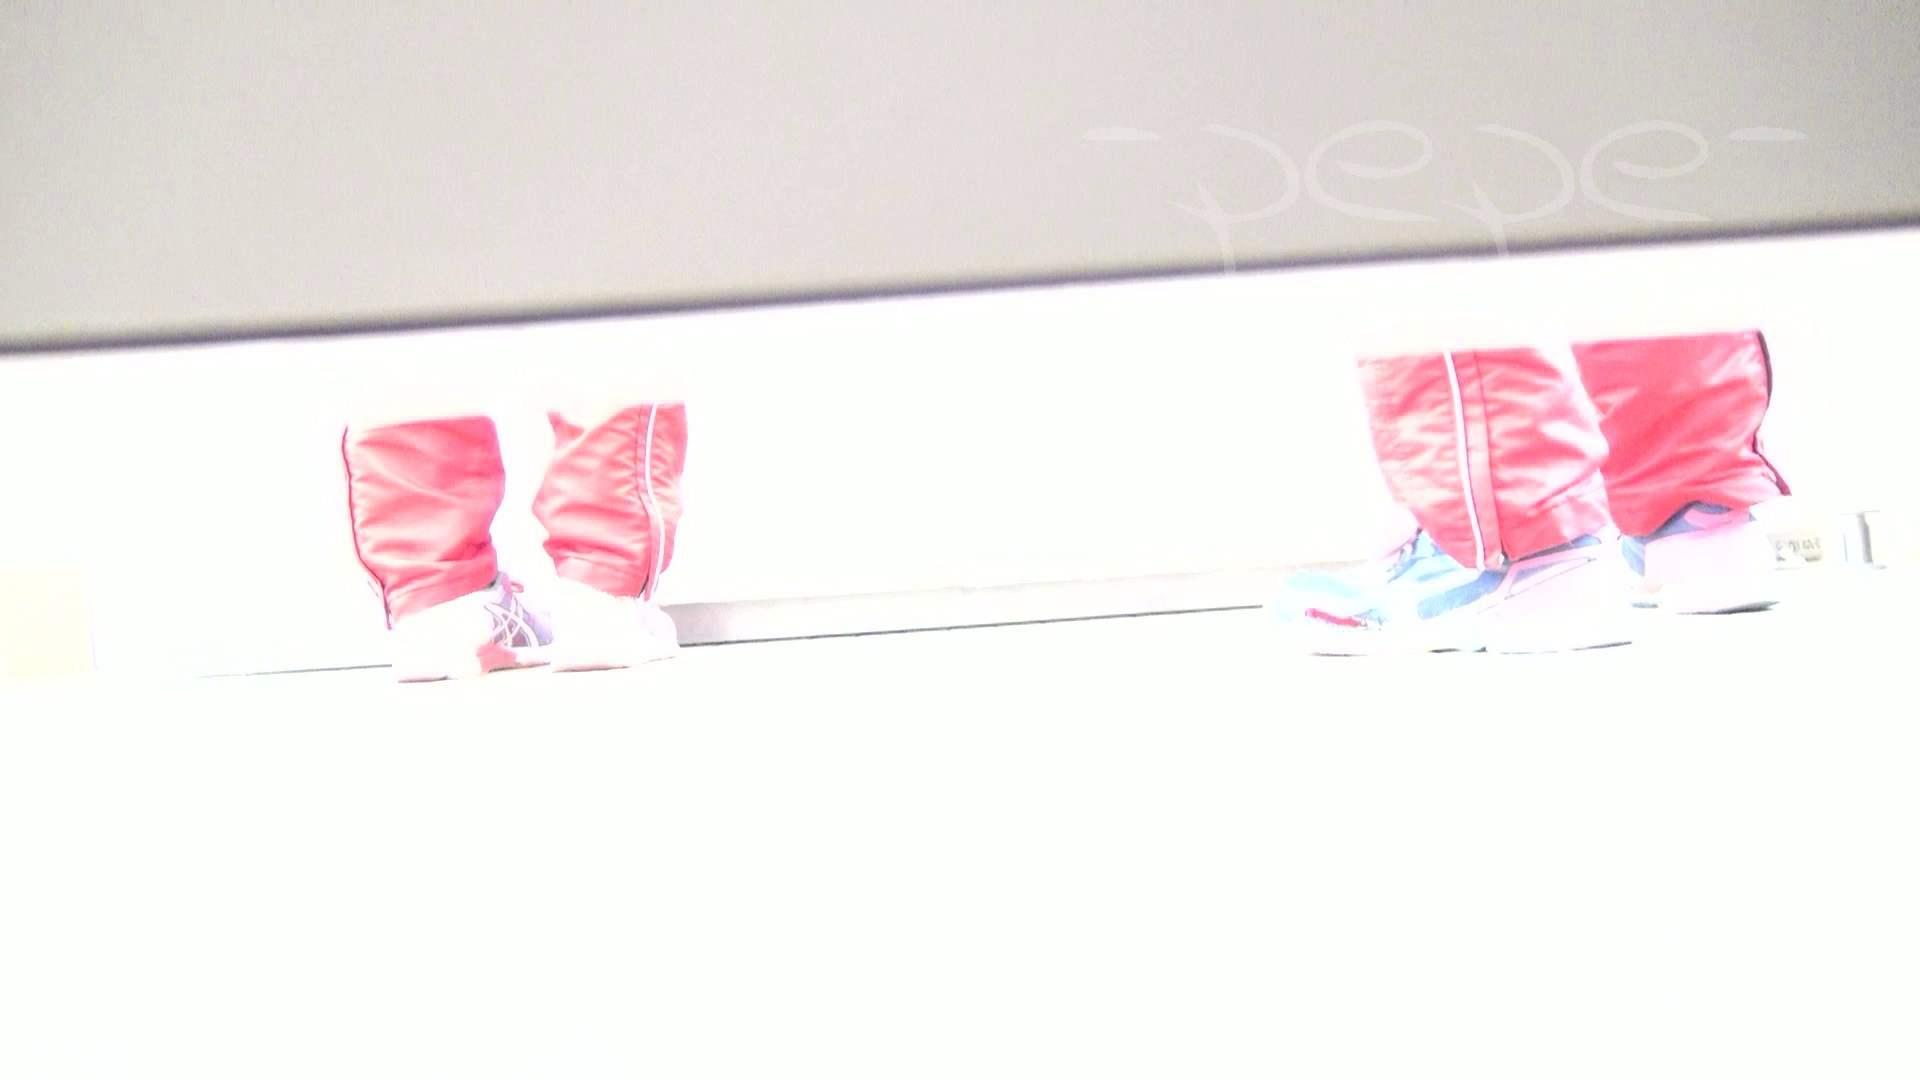 無修正エロ動画 ▲期間限定D▲至高洗面所盗撮 25 至高下方撮りちょいと2カメ!!03 怪盗ジョーカー